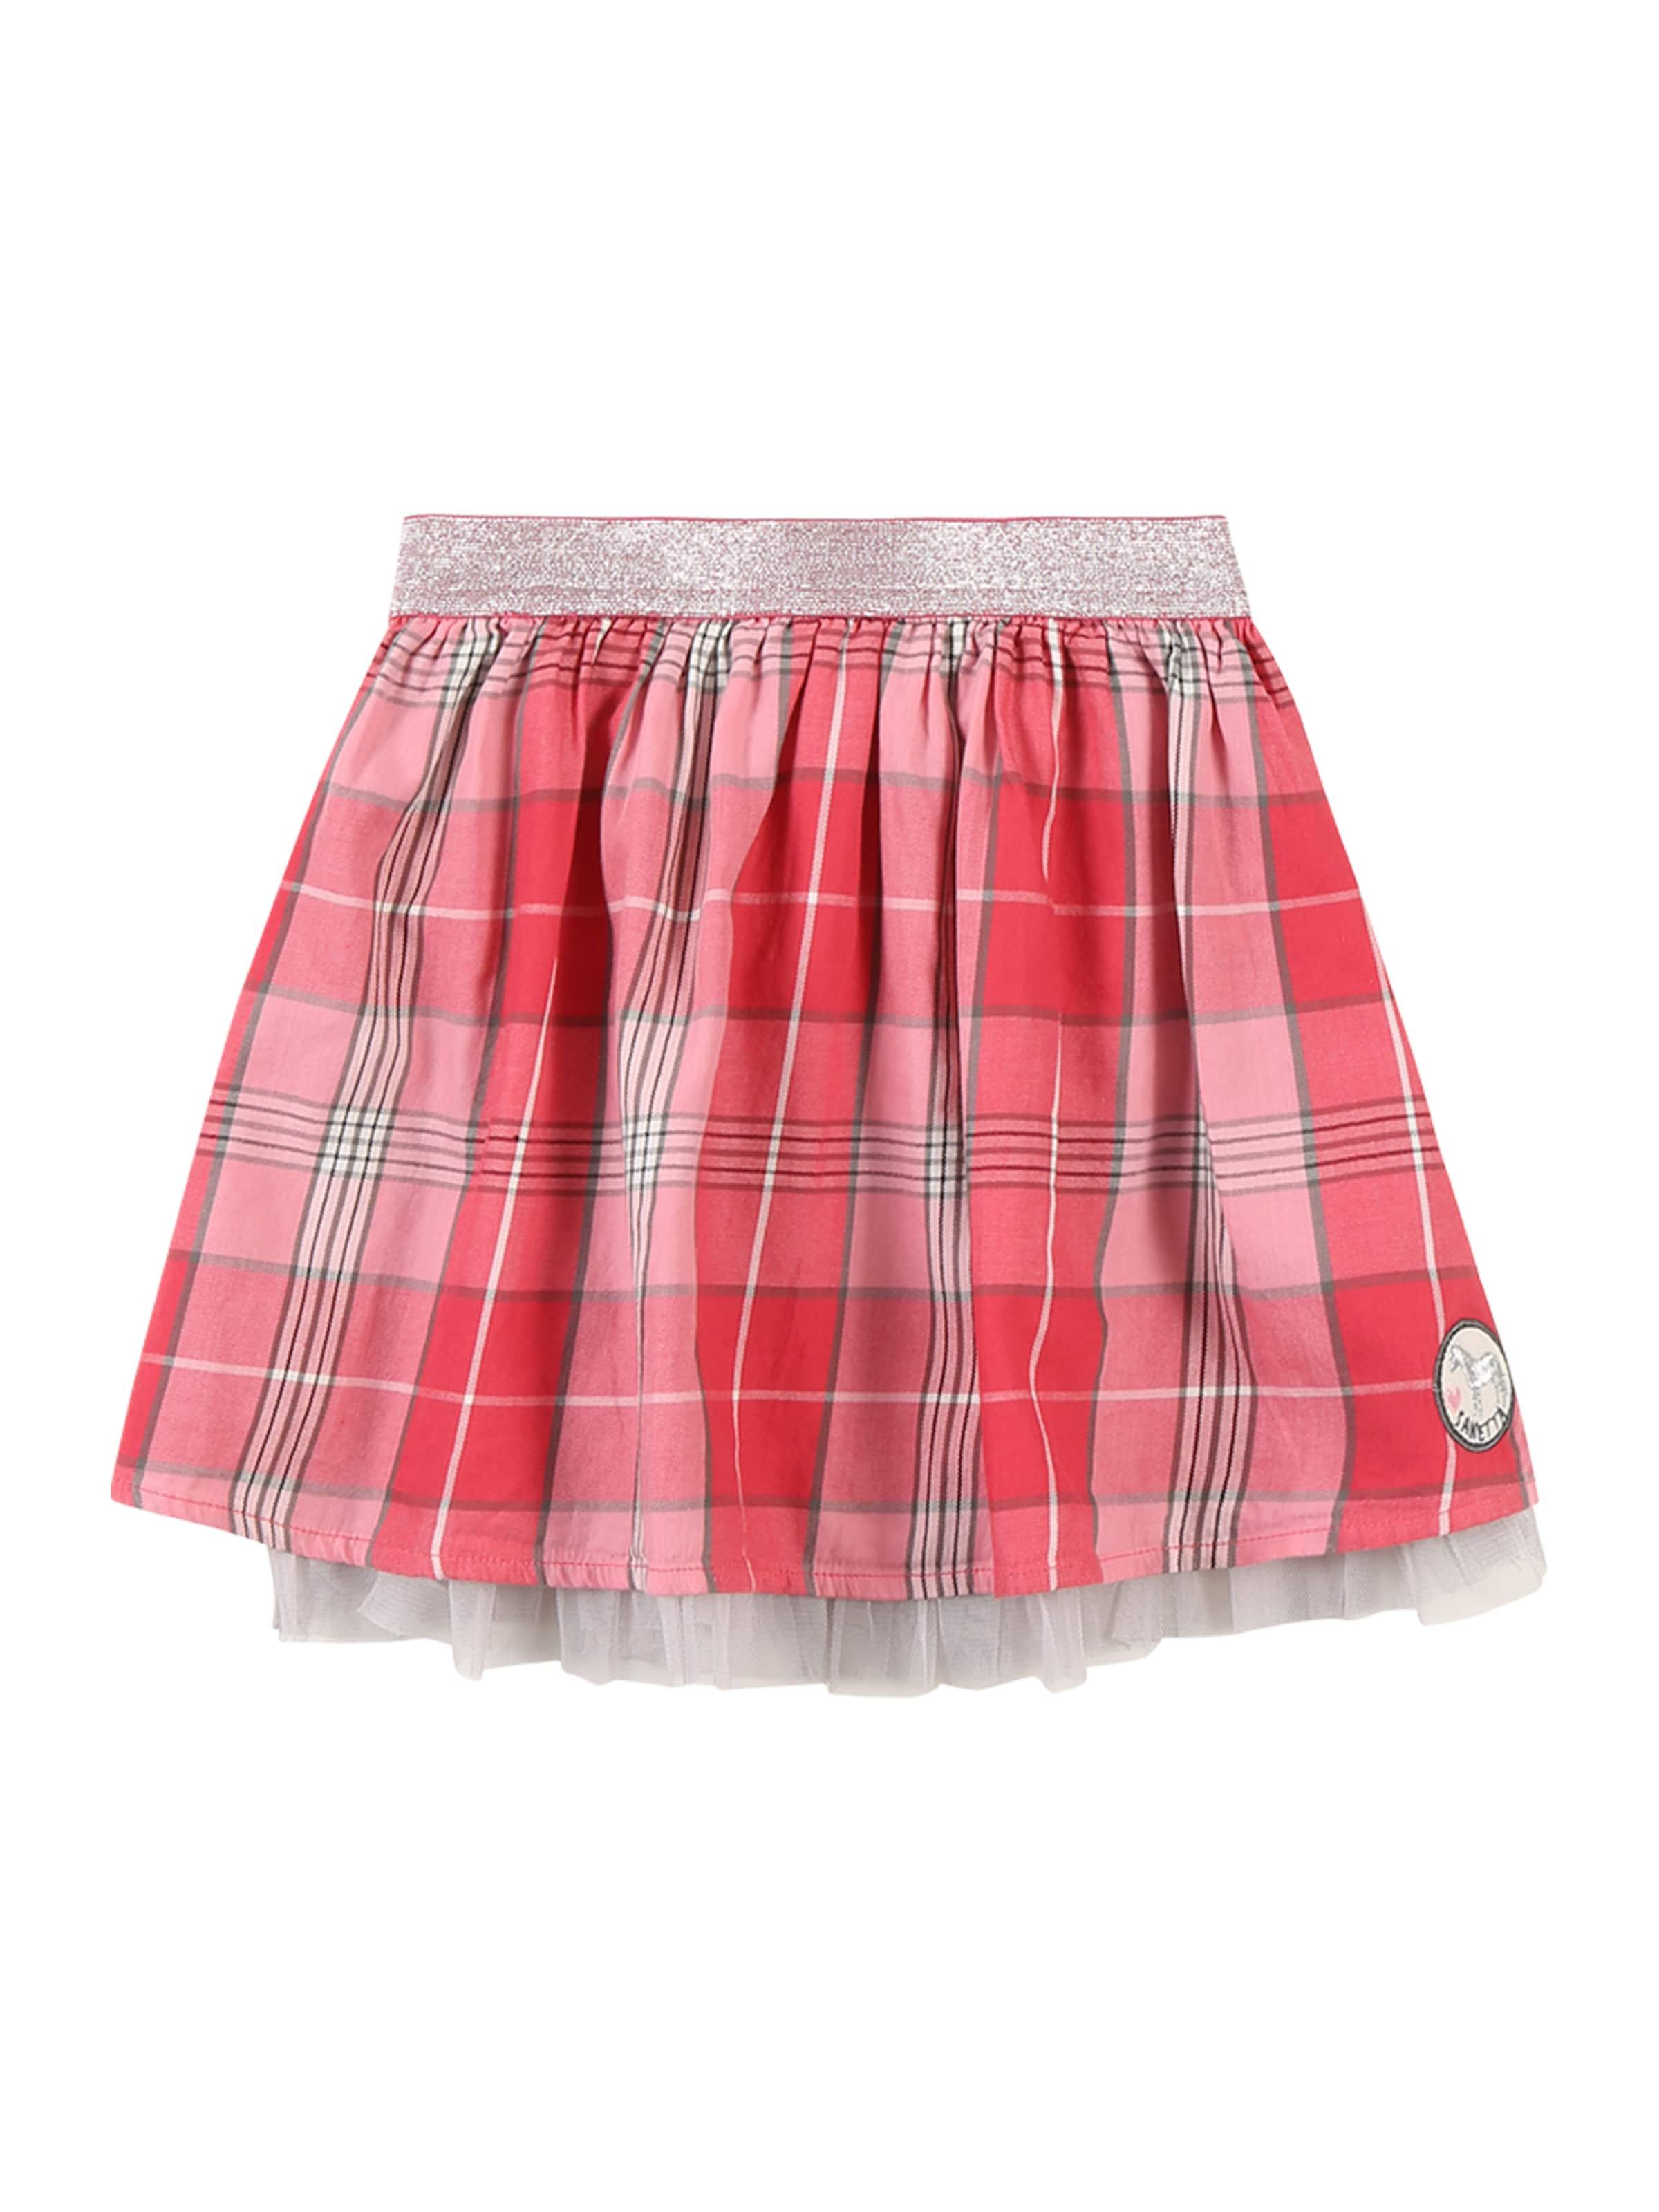 Kinder,  Mädchen,  Kinder Sanetta Kidswear Rock blau, braun, grau,  pink   04055502975055